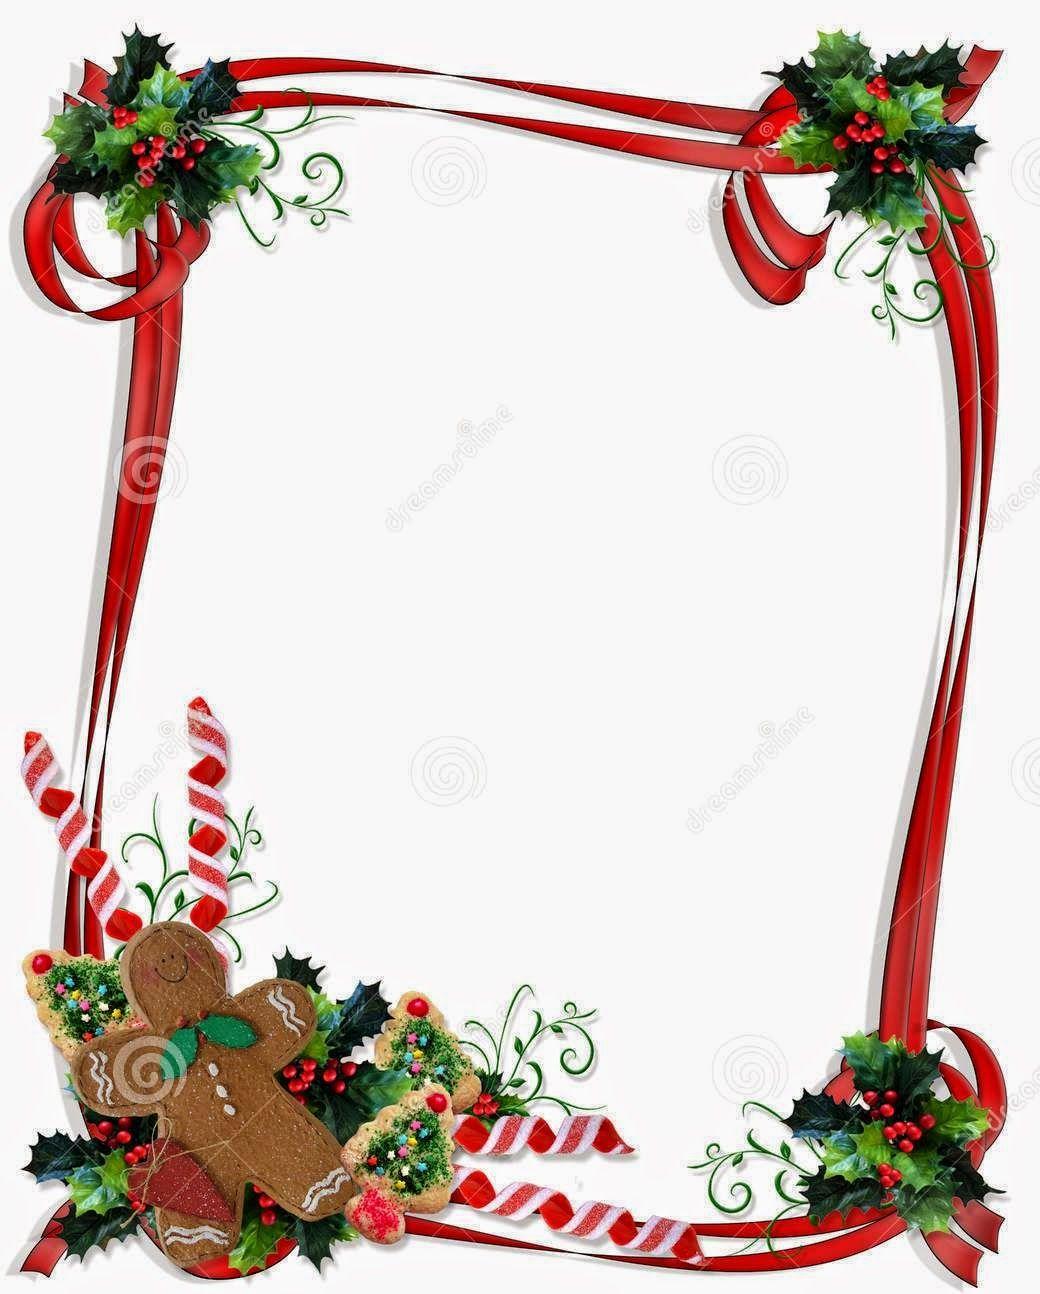 Free+Printable+Christmas+Borders+Clip+Art.